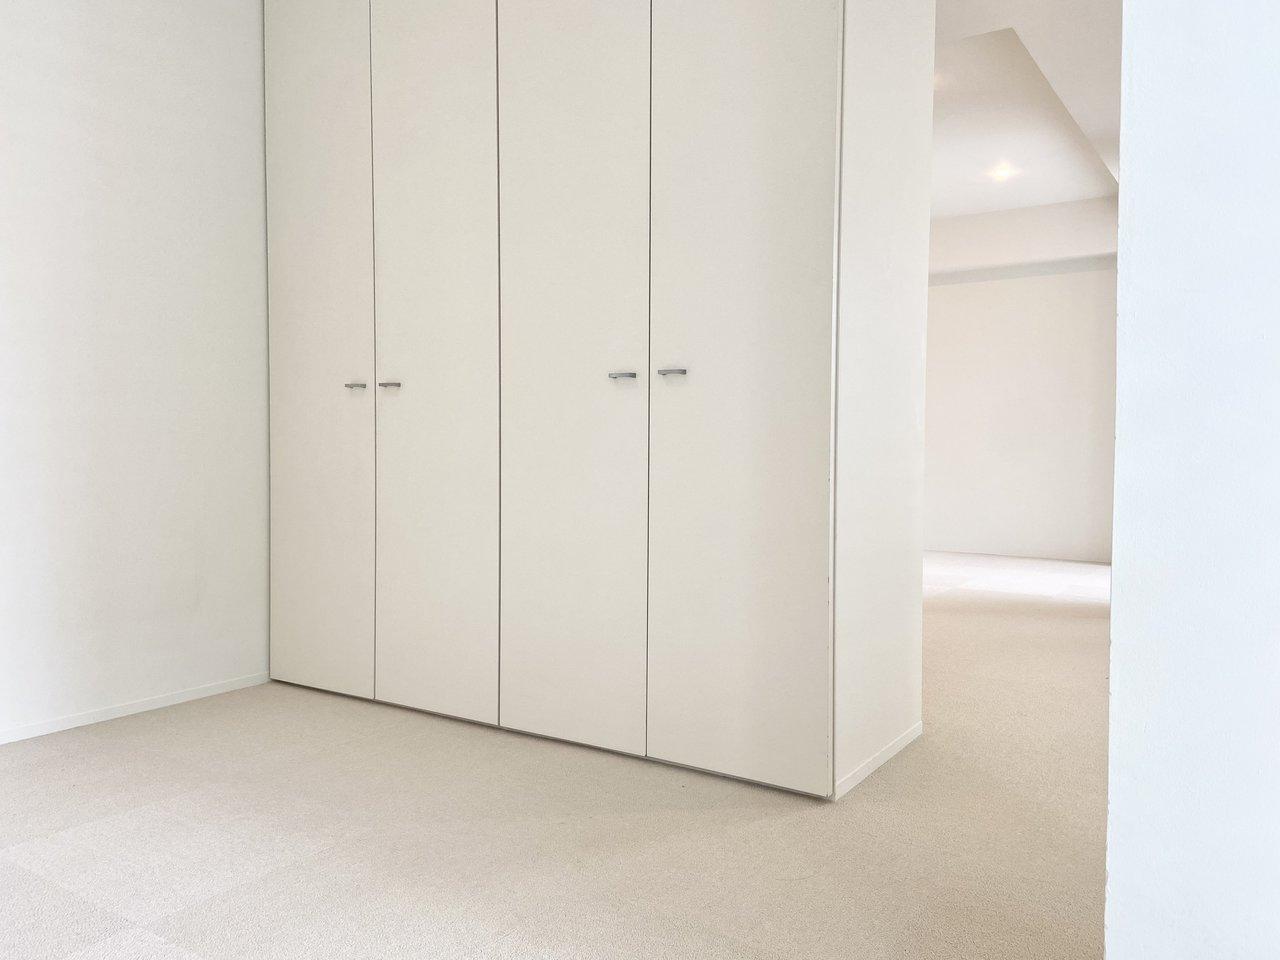 13.7畳の広々としたフロア。LDKをしっかり分ける扉などはありませんが、収納棚がその役割を果たしてくれます。中を開けると、なかなかの収納力ですよ。